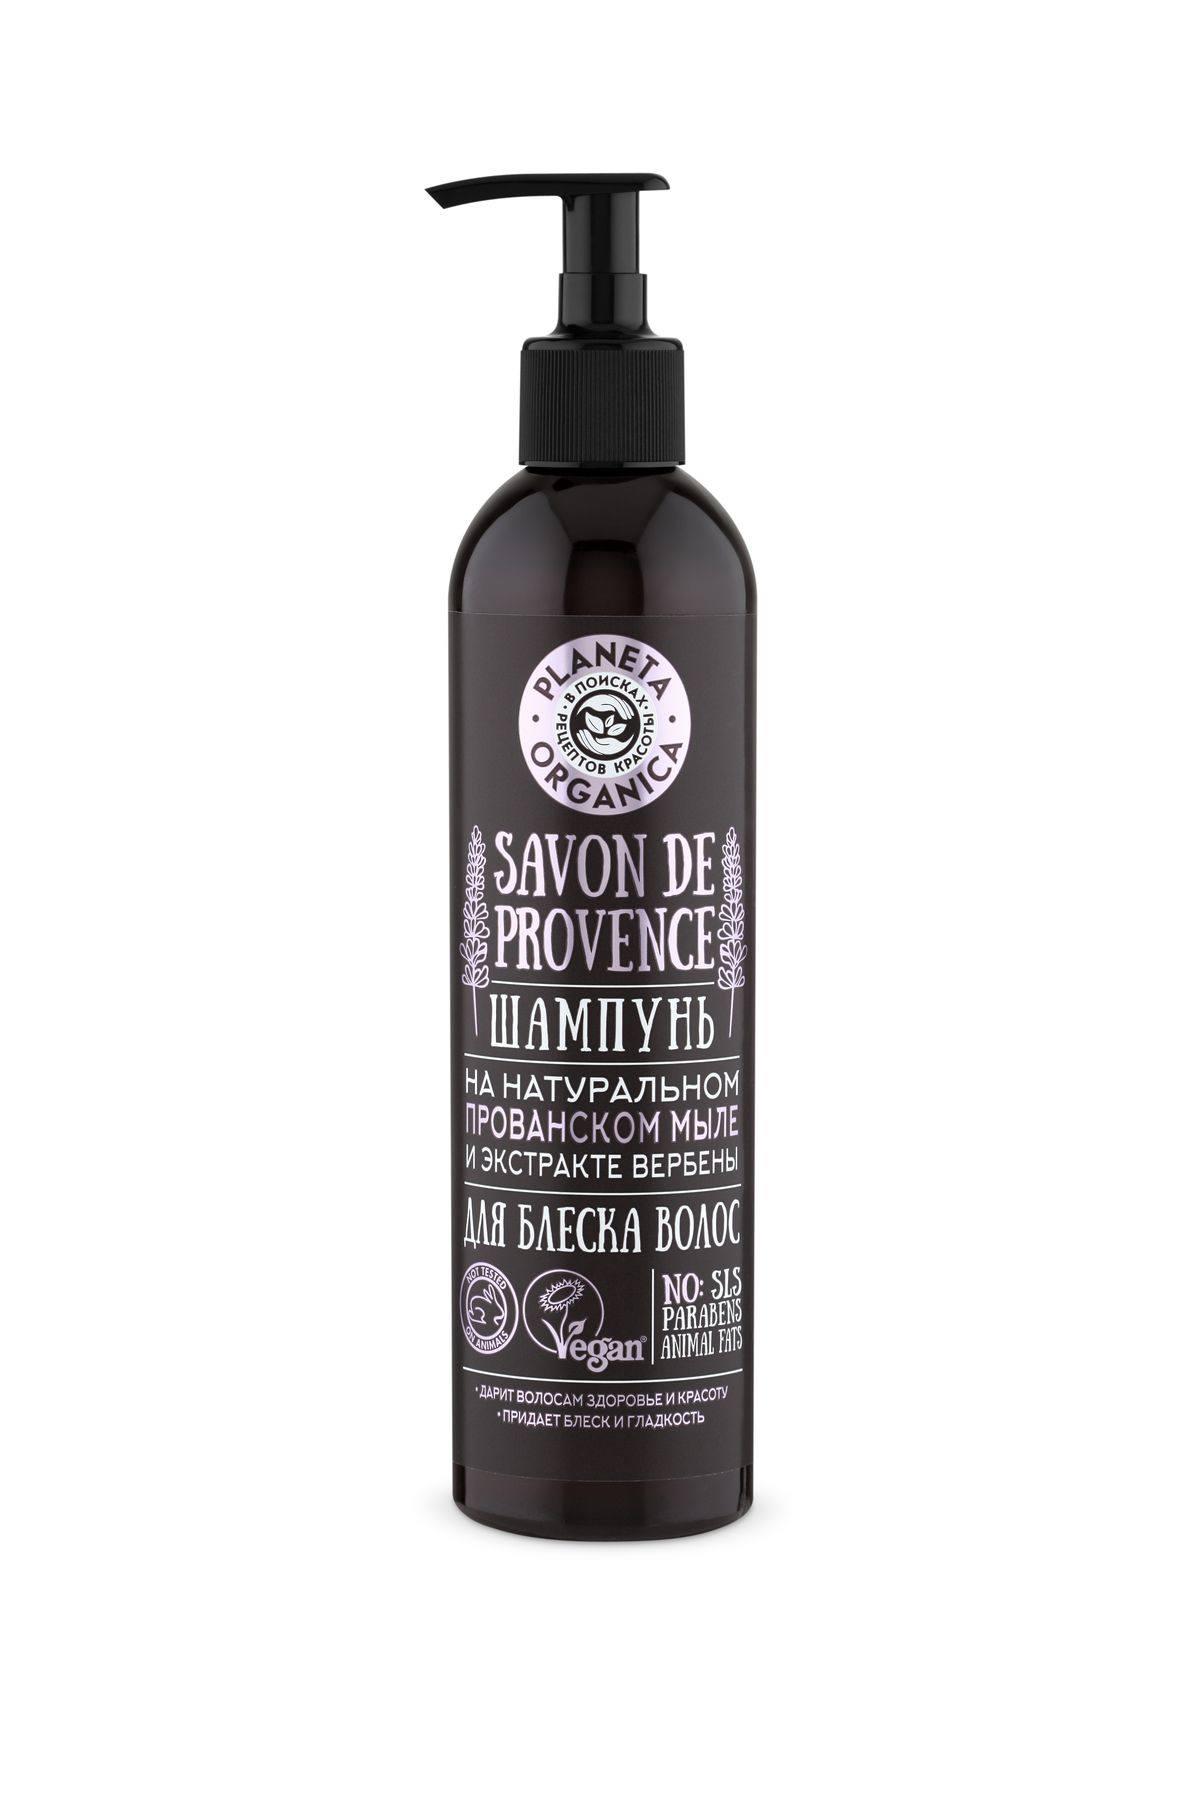 Купить Planeta Organica Savon de Шампунь для блеска волос Savon de Provence, 400 мл (shop: Organic-shops Organic shops)